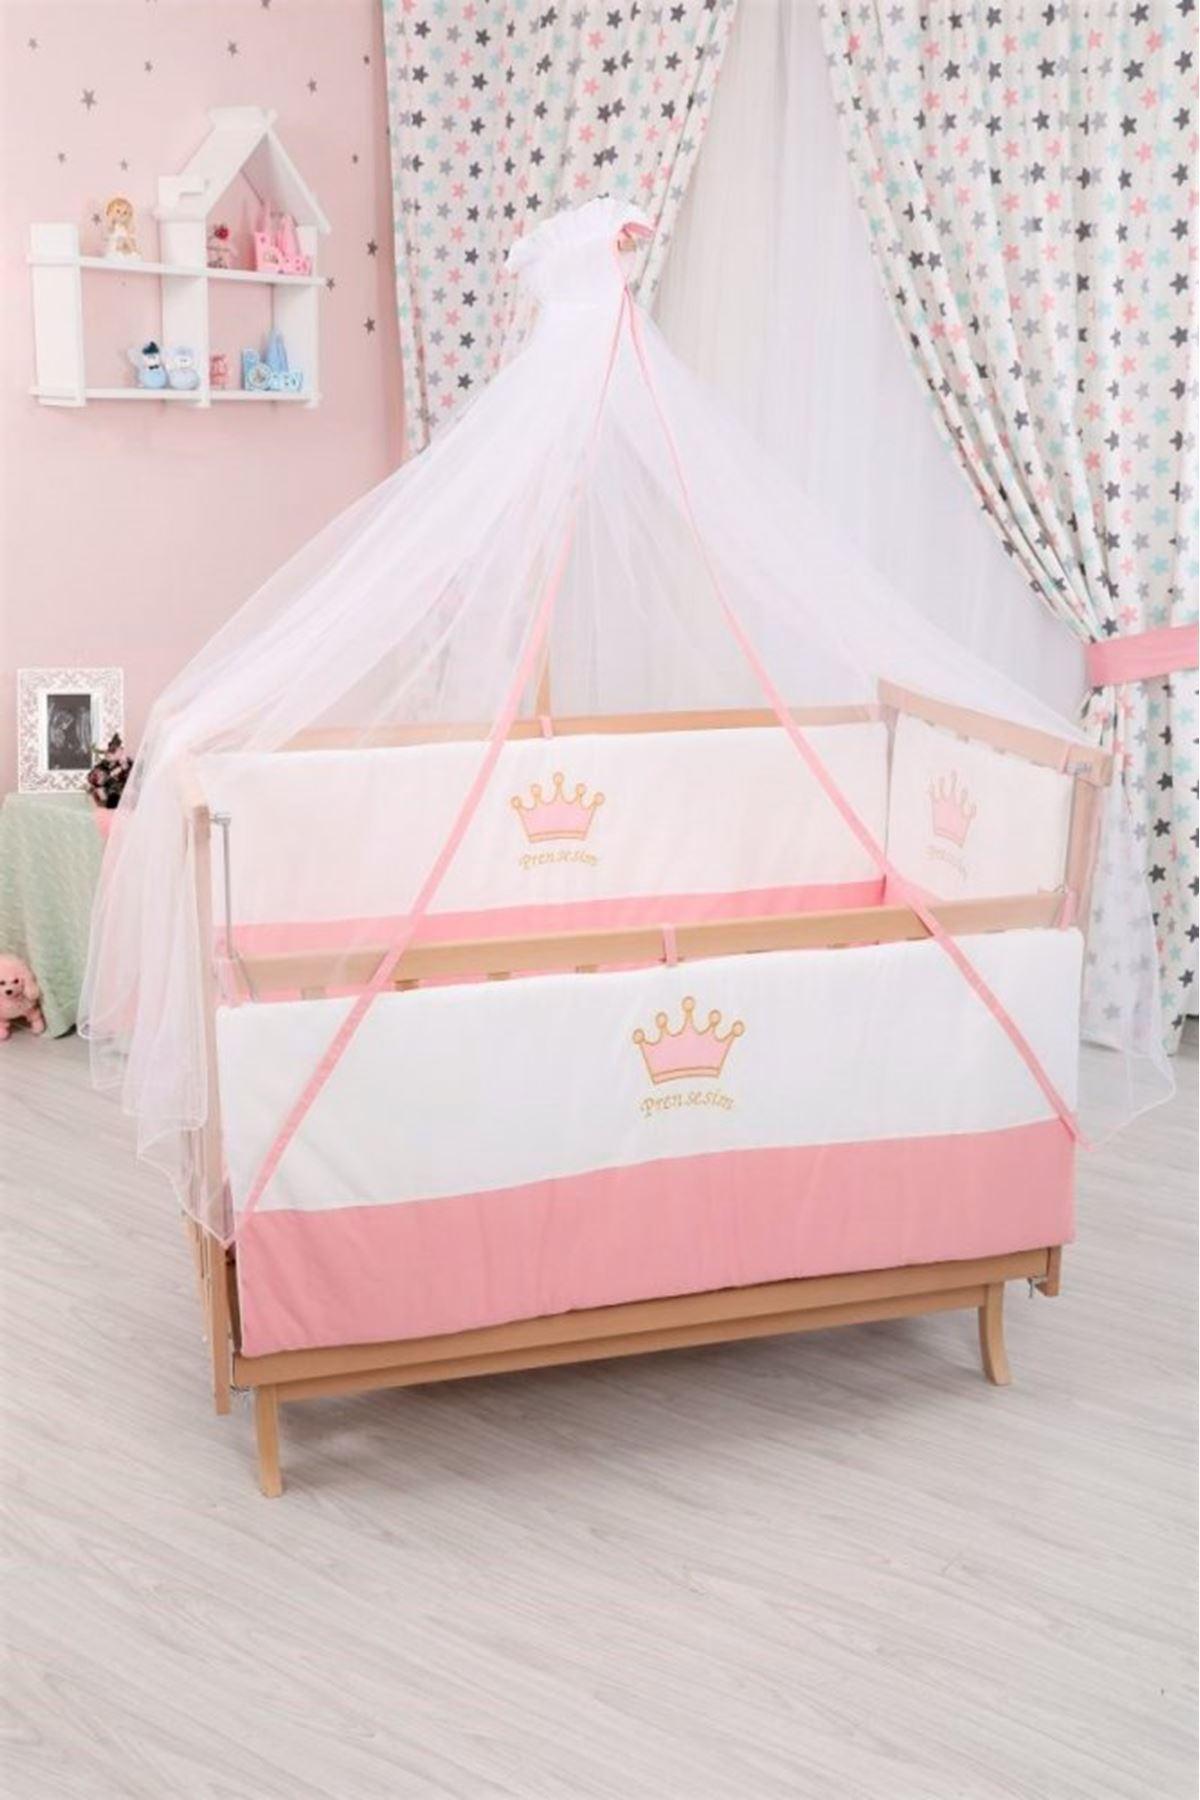 Pembe Taçlı Uyku Seti ile Doğal Karyola Bebek Beşiği